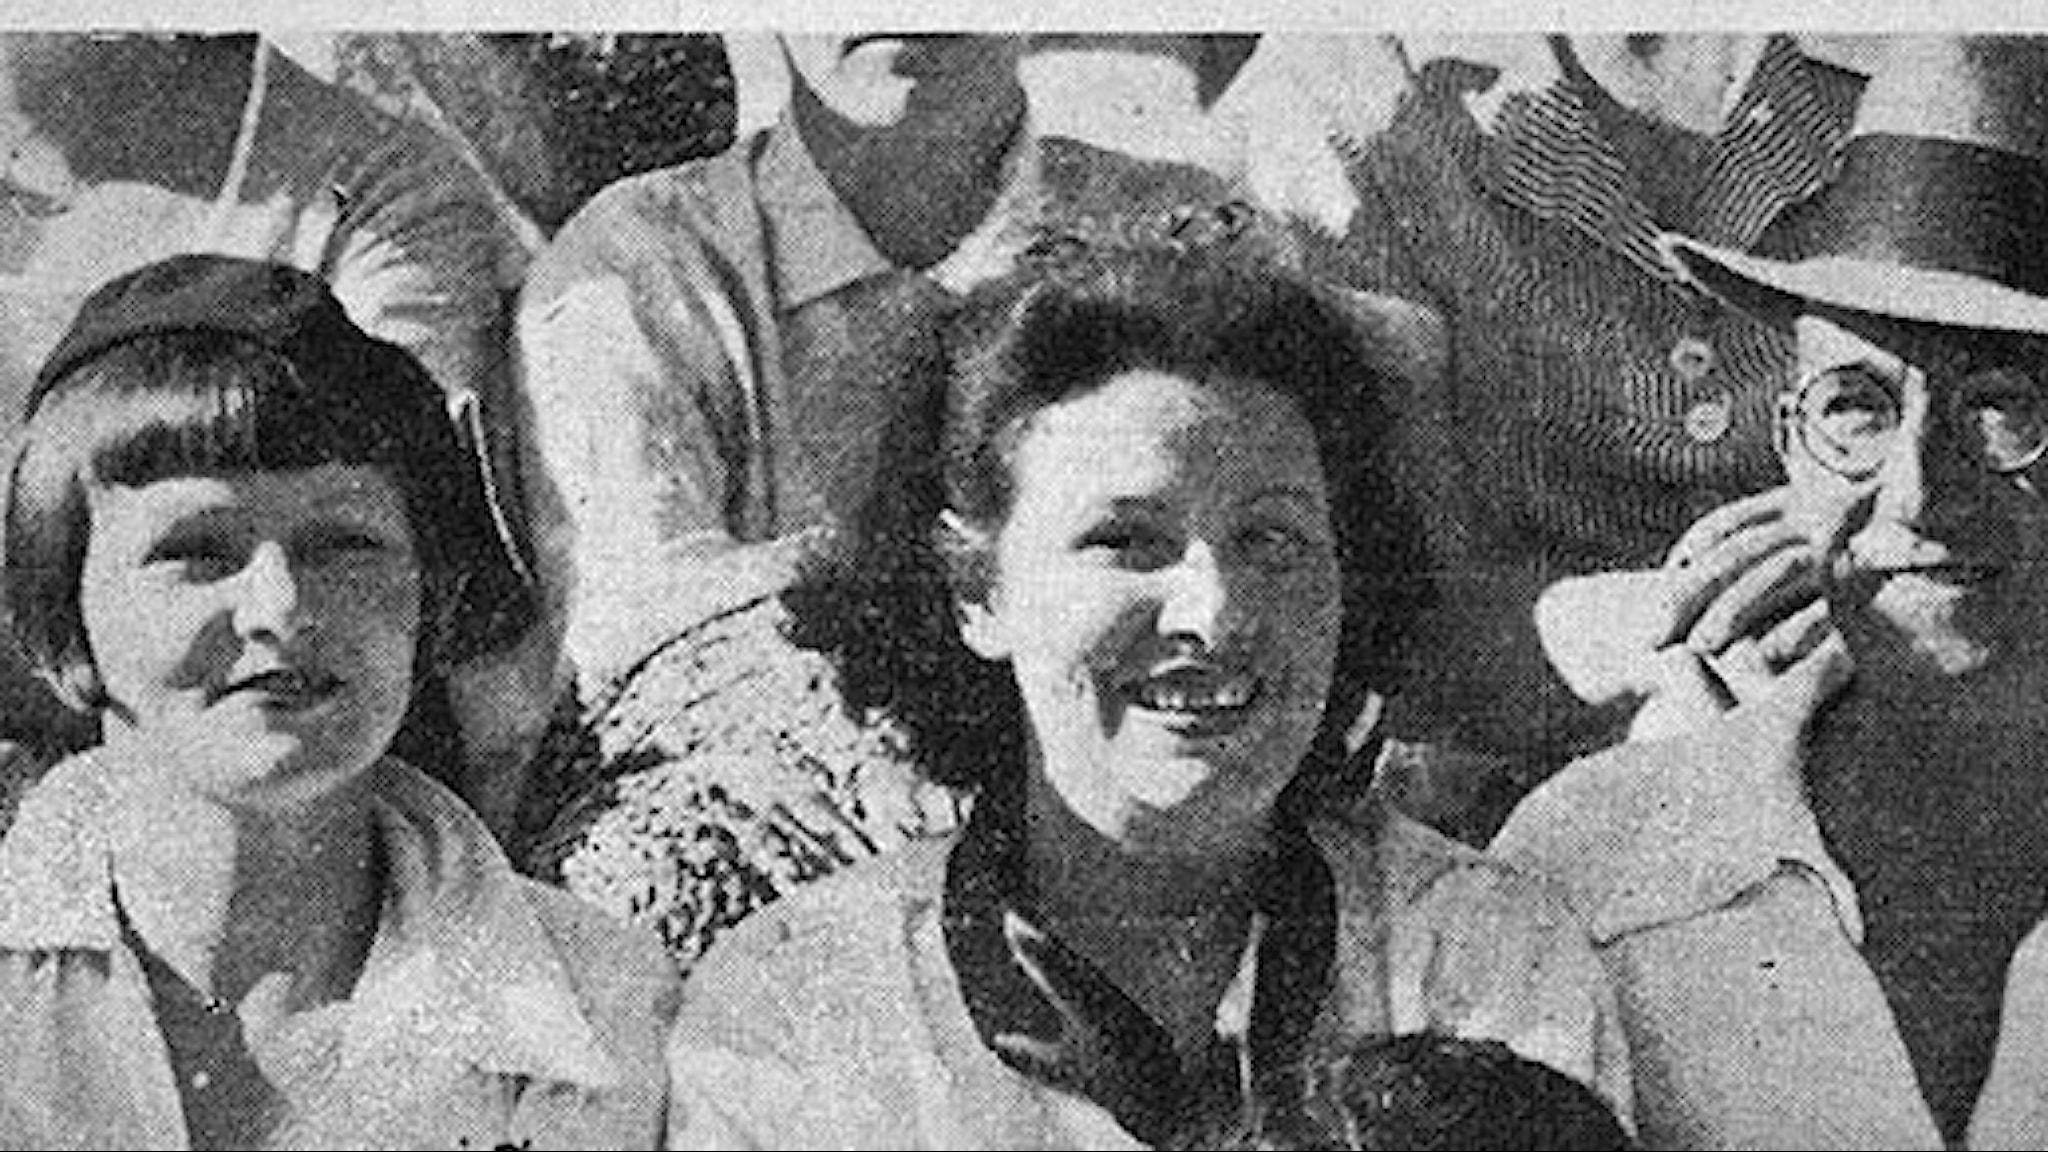 Tre personer på gemensam bild från en tidning från 30-talet